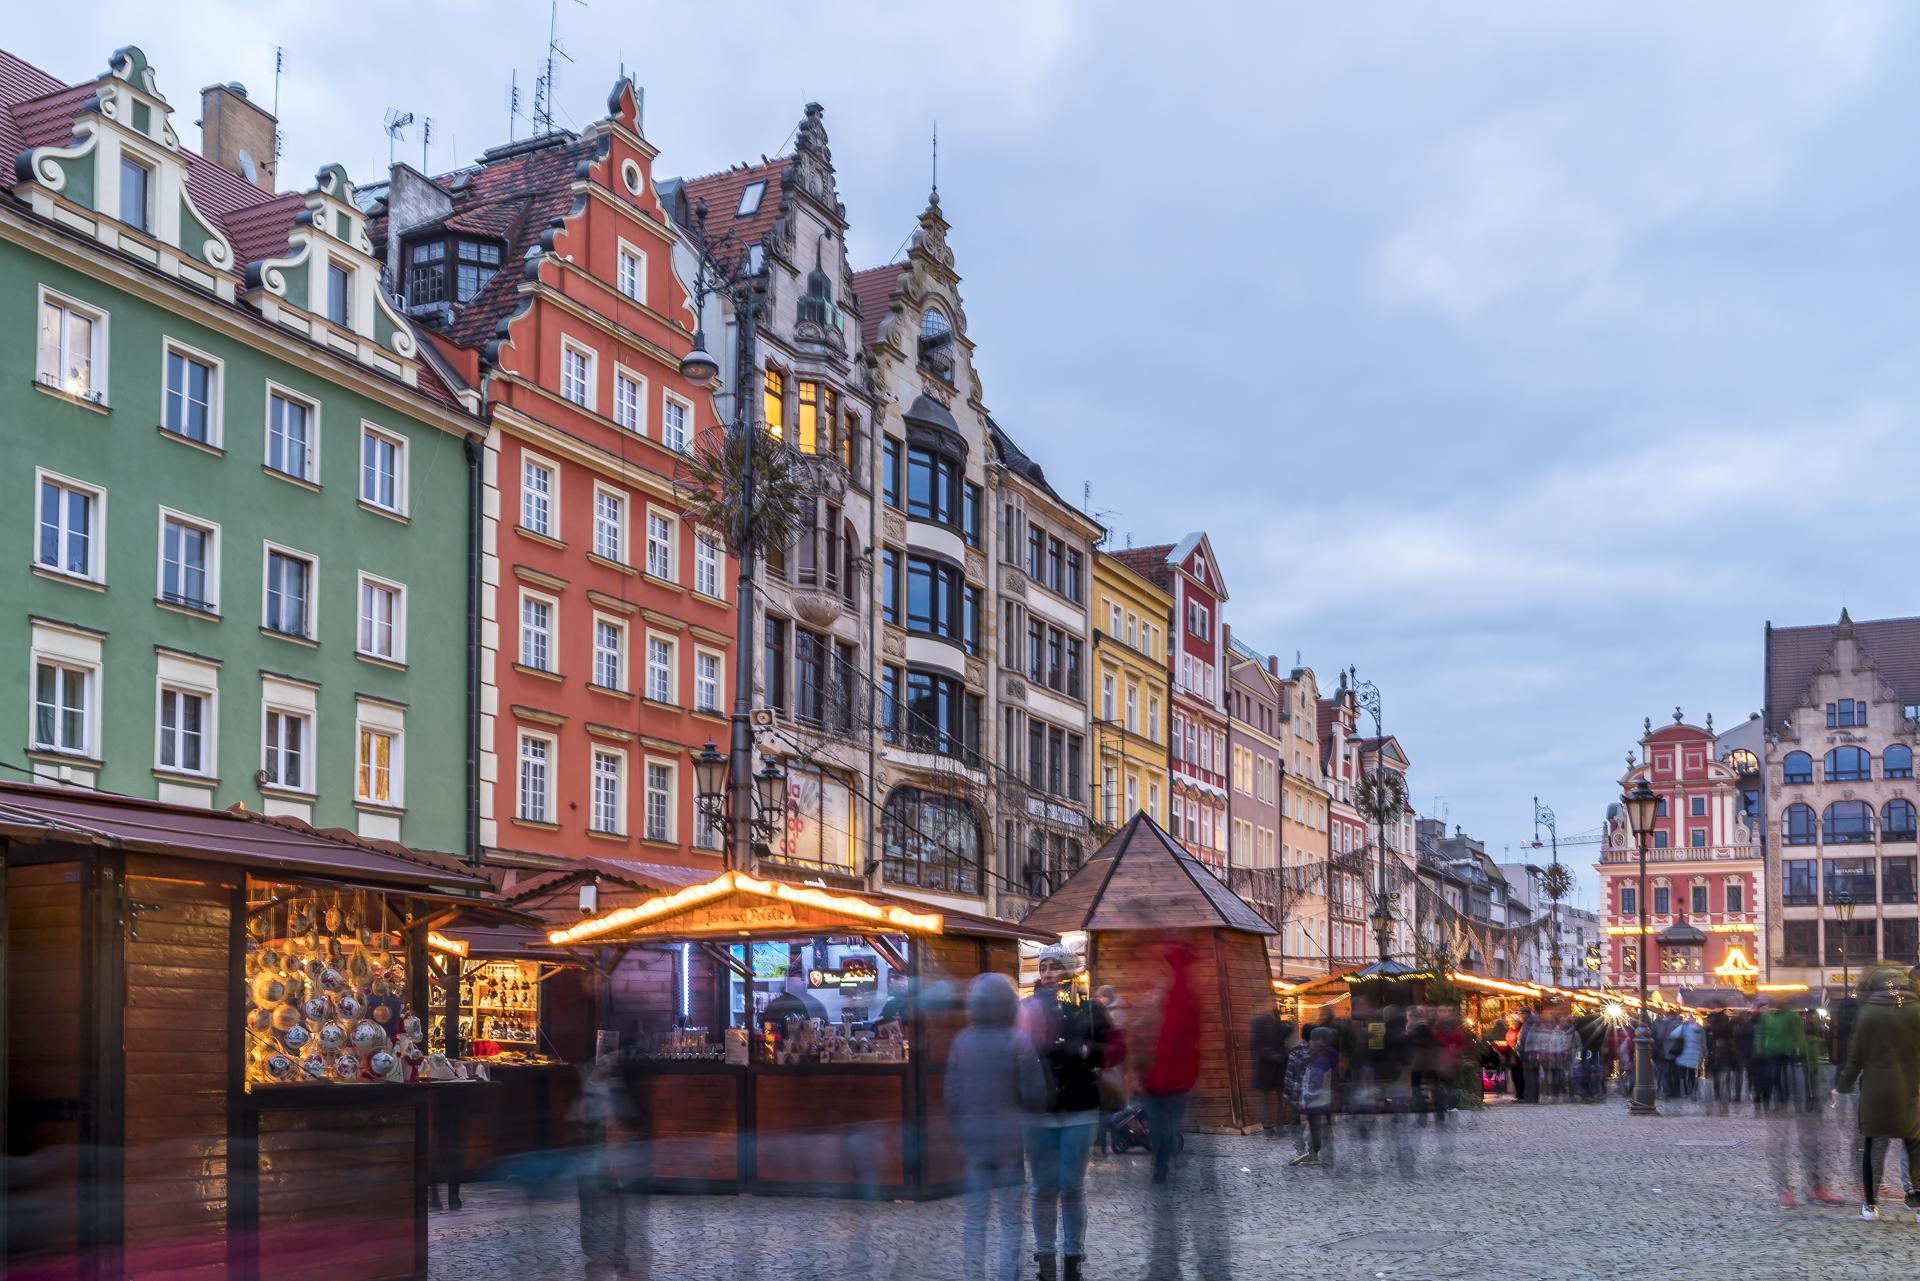 Weihnachtsmarkt Wroclaw Rathausplatz